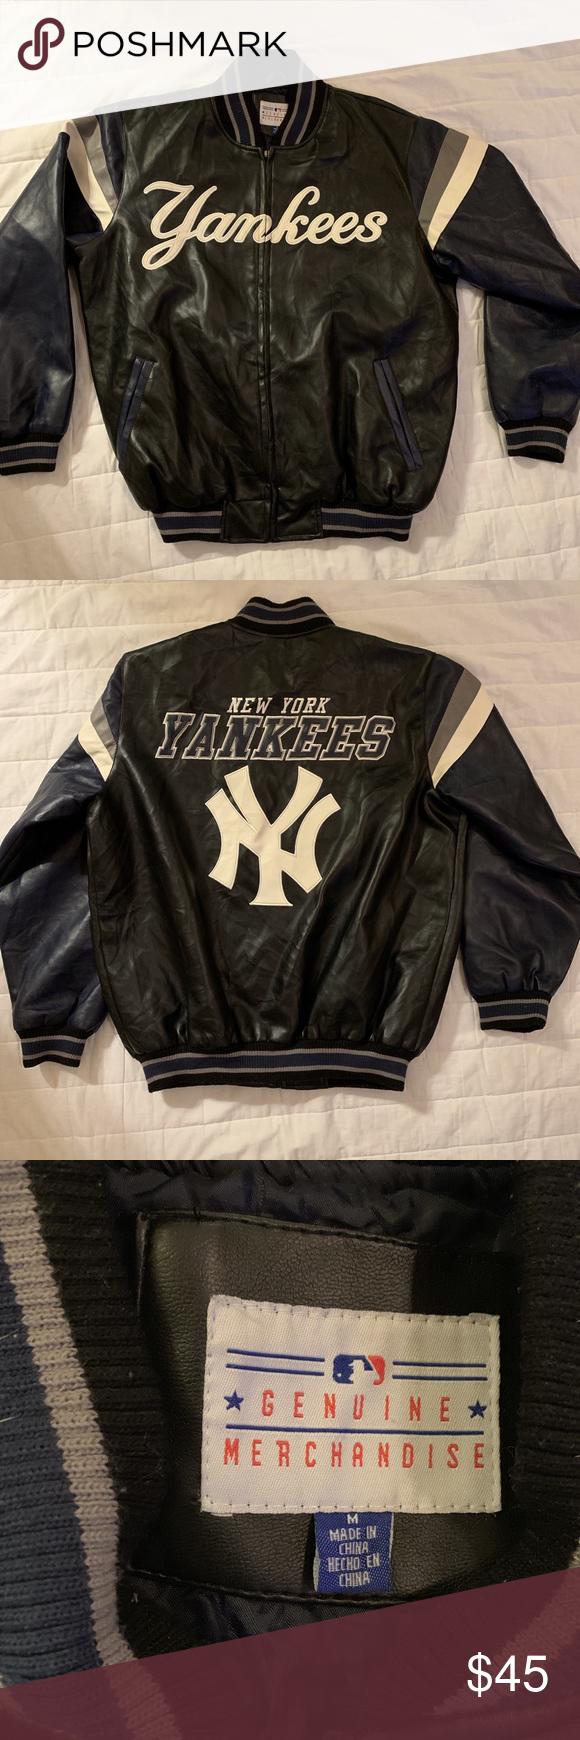 New York Yankees Jacket New York Yankees Vegan Varsity Jacket Jacket Is Not Leather But Looks Like Leather It S Made By New York Yankees Mlb Jackets Jackets [ 1740 x 580 Pixel ]